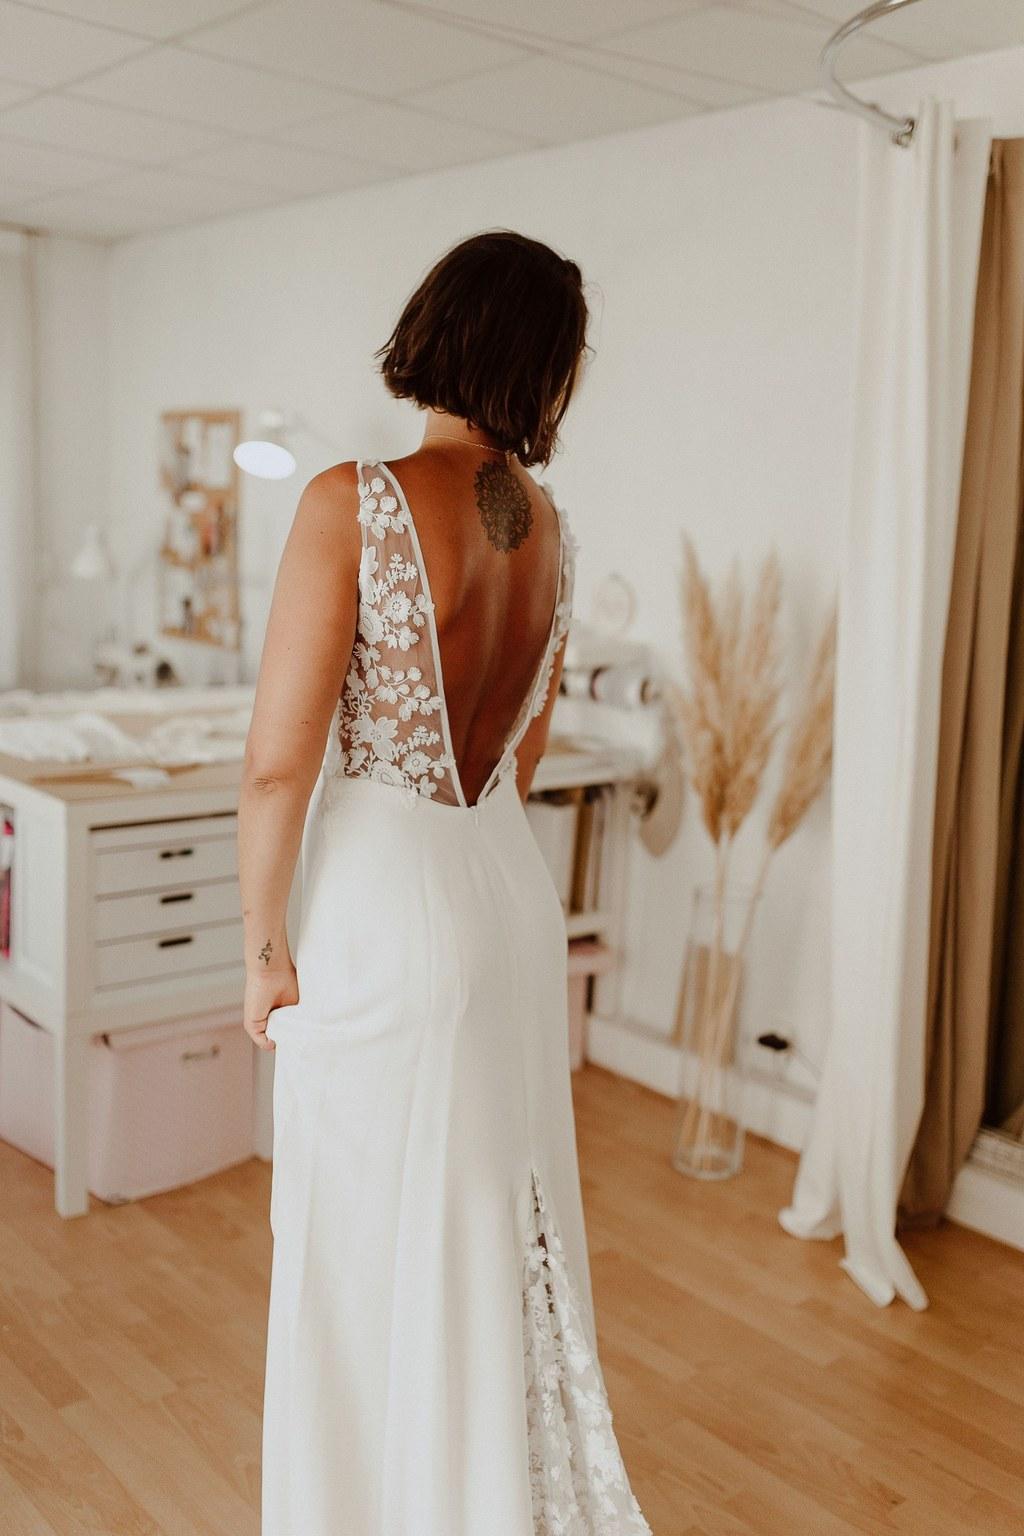 Cette belle robe à un grand dos nu en dentelle.